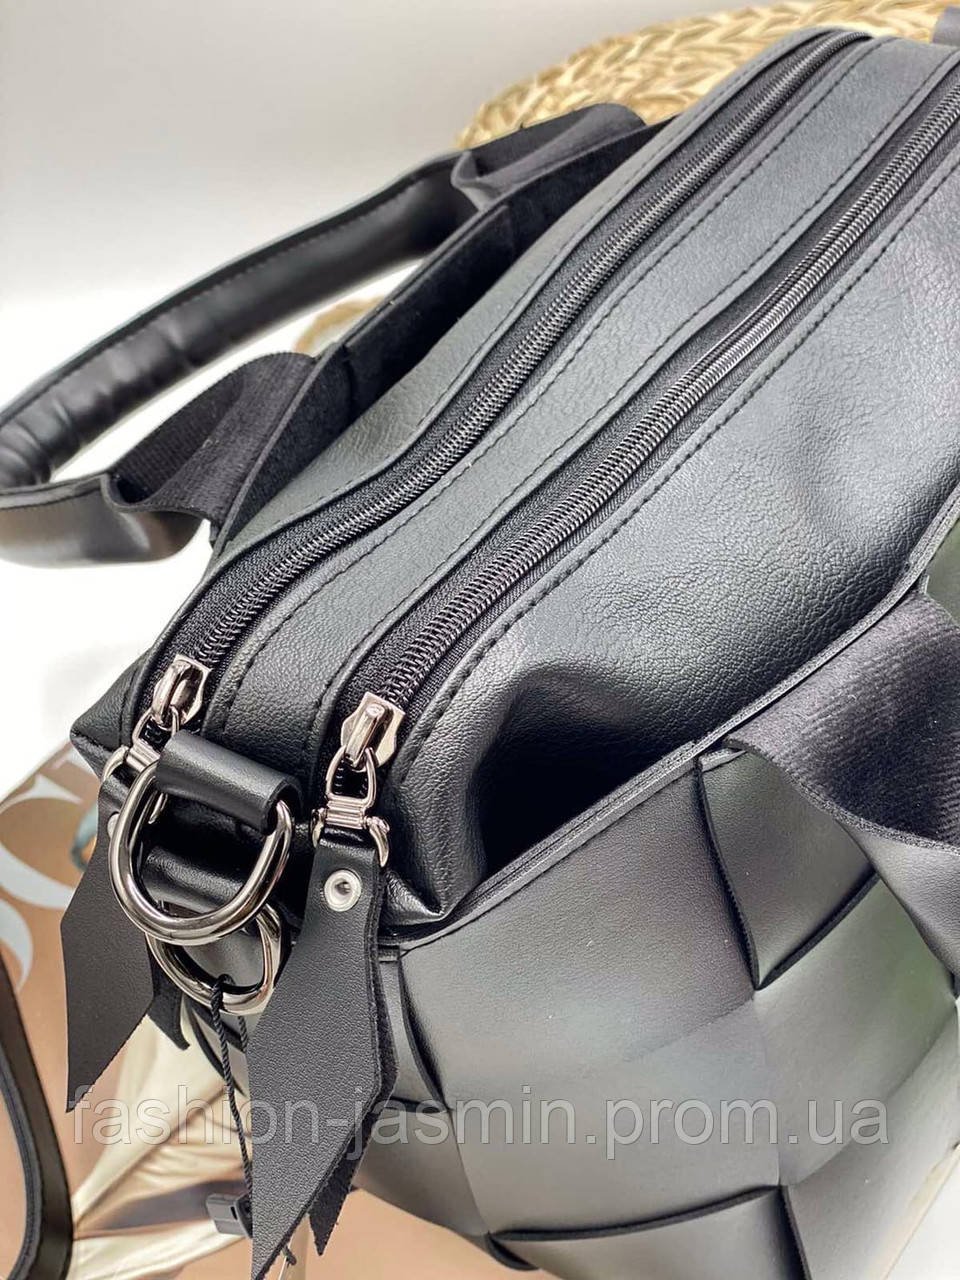 Женская Сумка кросс-боди Модель - 107 Фото реал Материал - PU (экокожа)